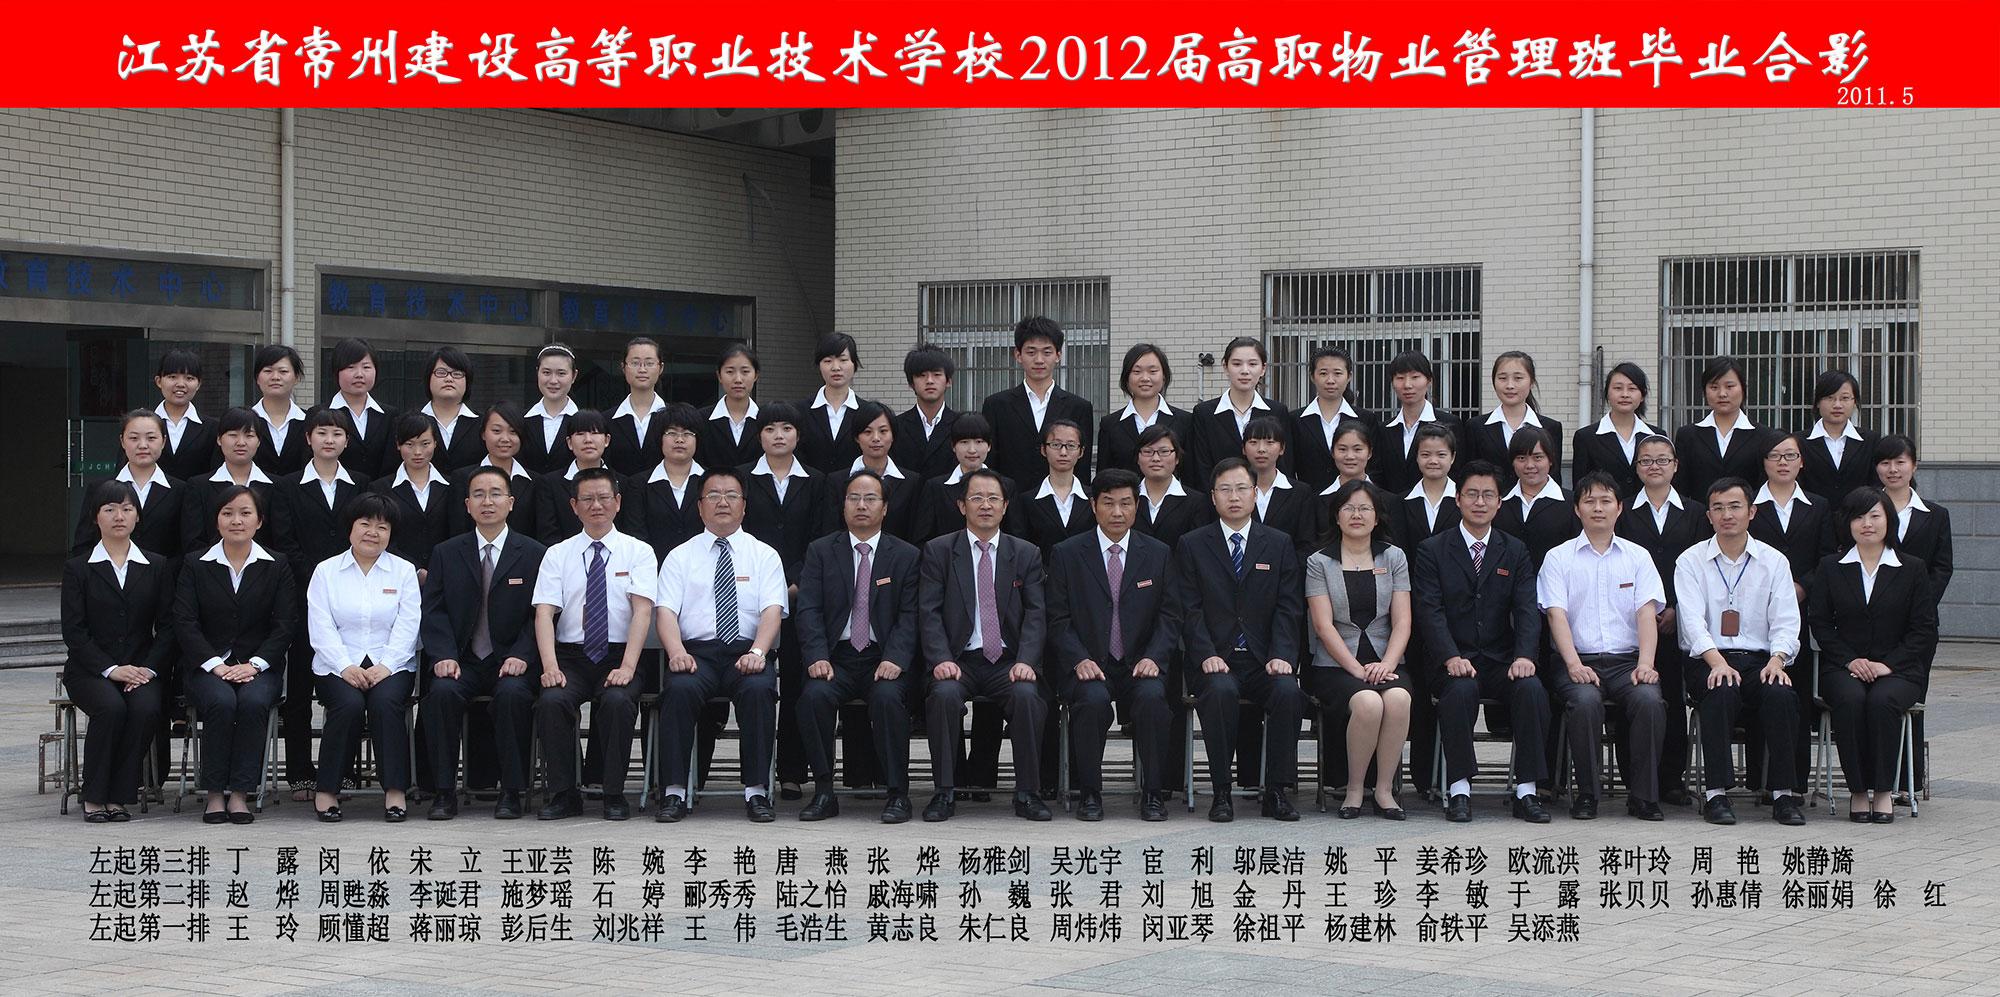 2012届高职物业管理班毕业合影